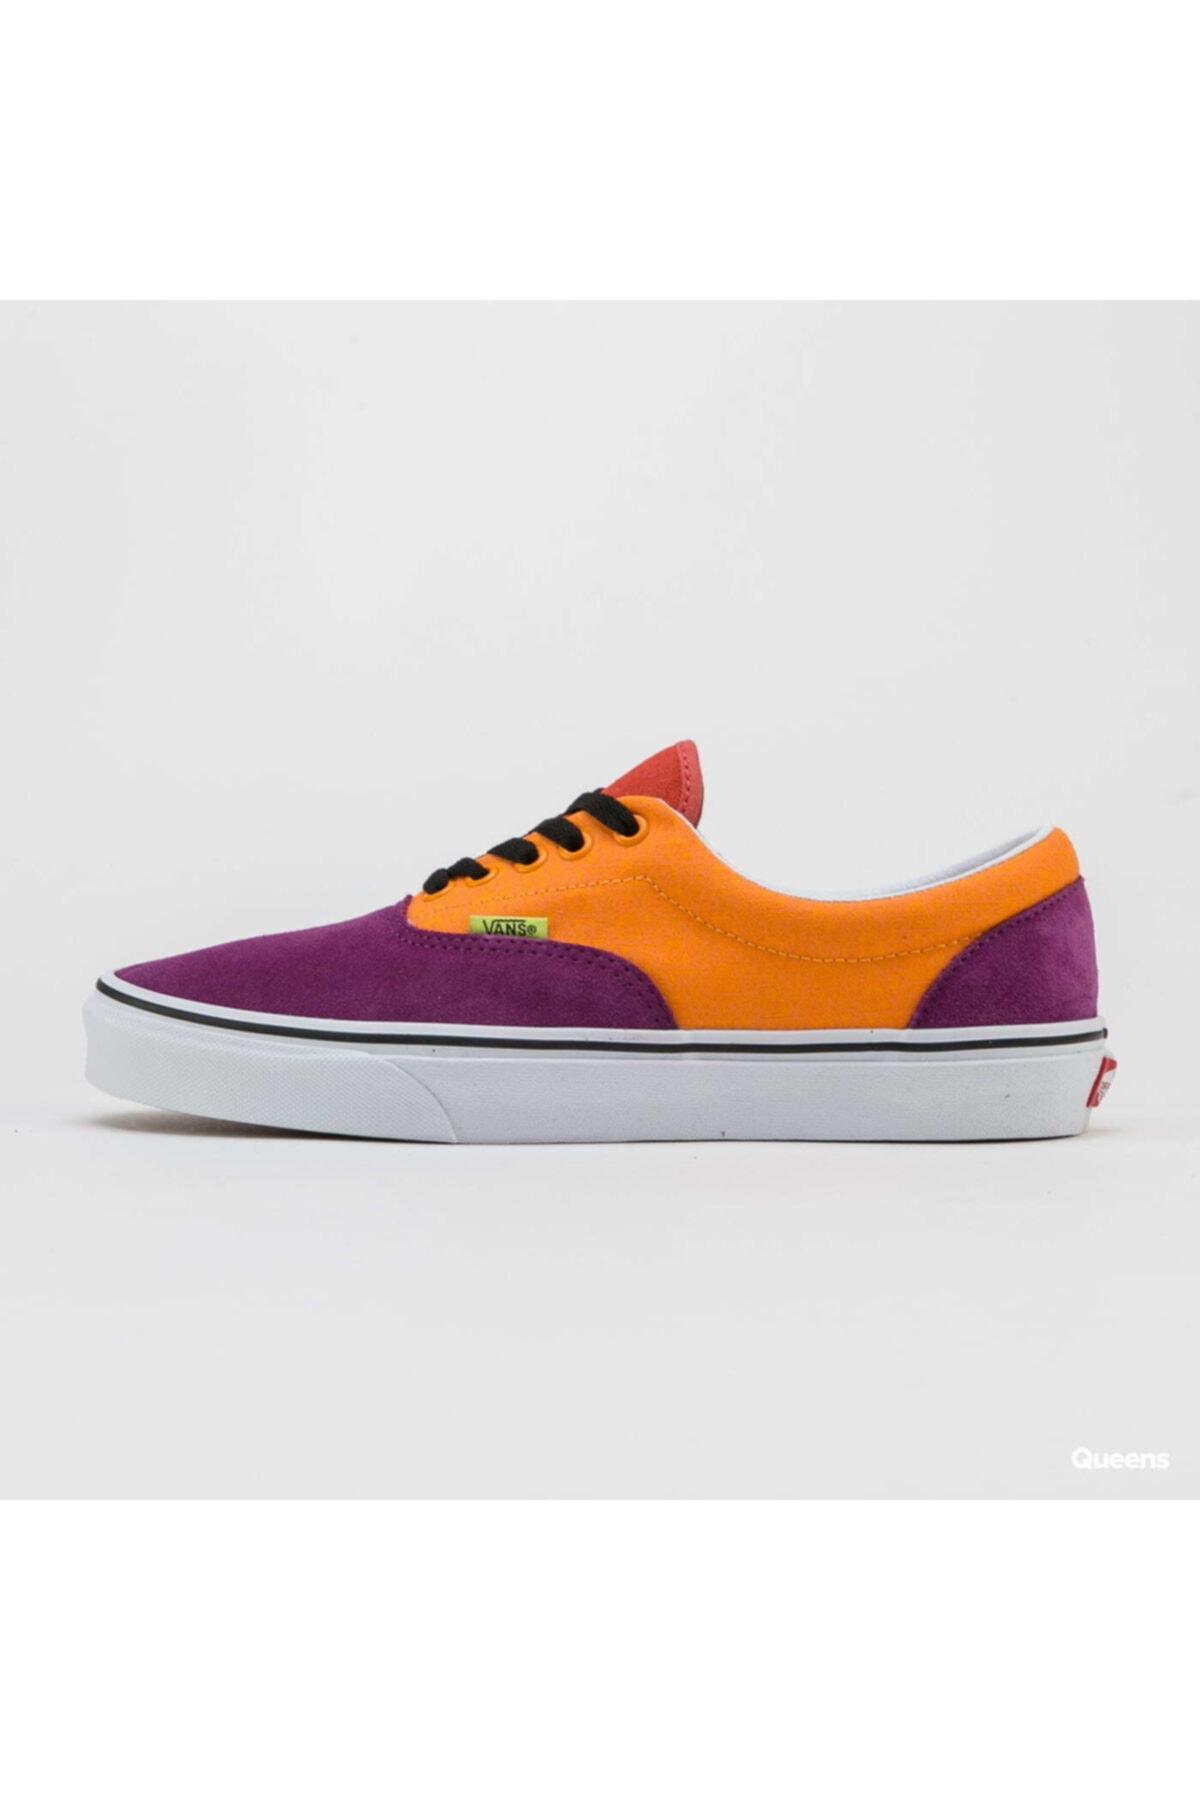 Vans Erkek Mor Sneaker Ayakkabı Vn0a4bv416v1 1